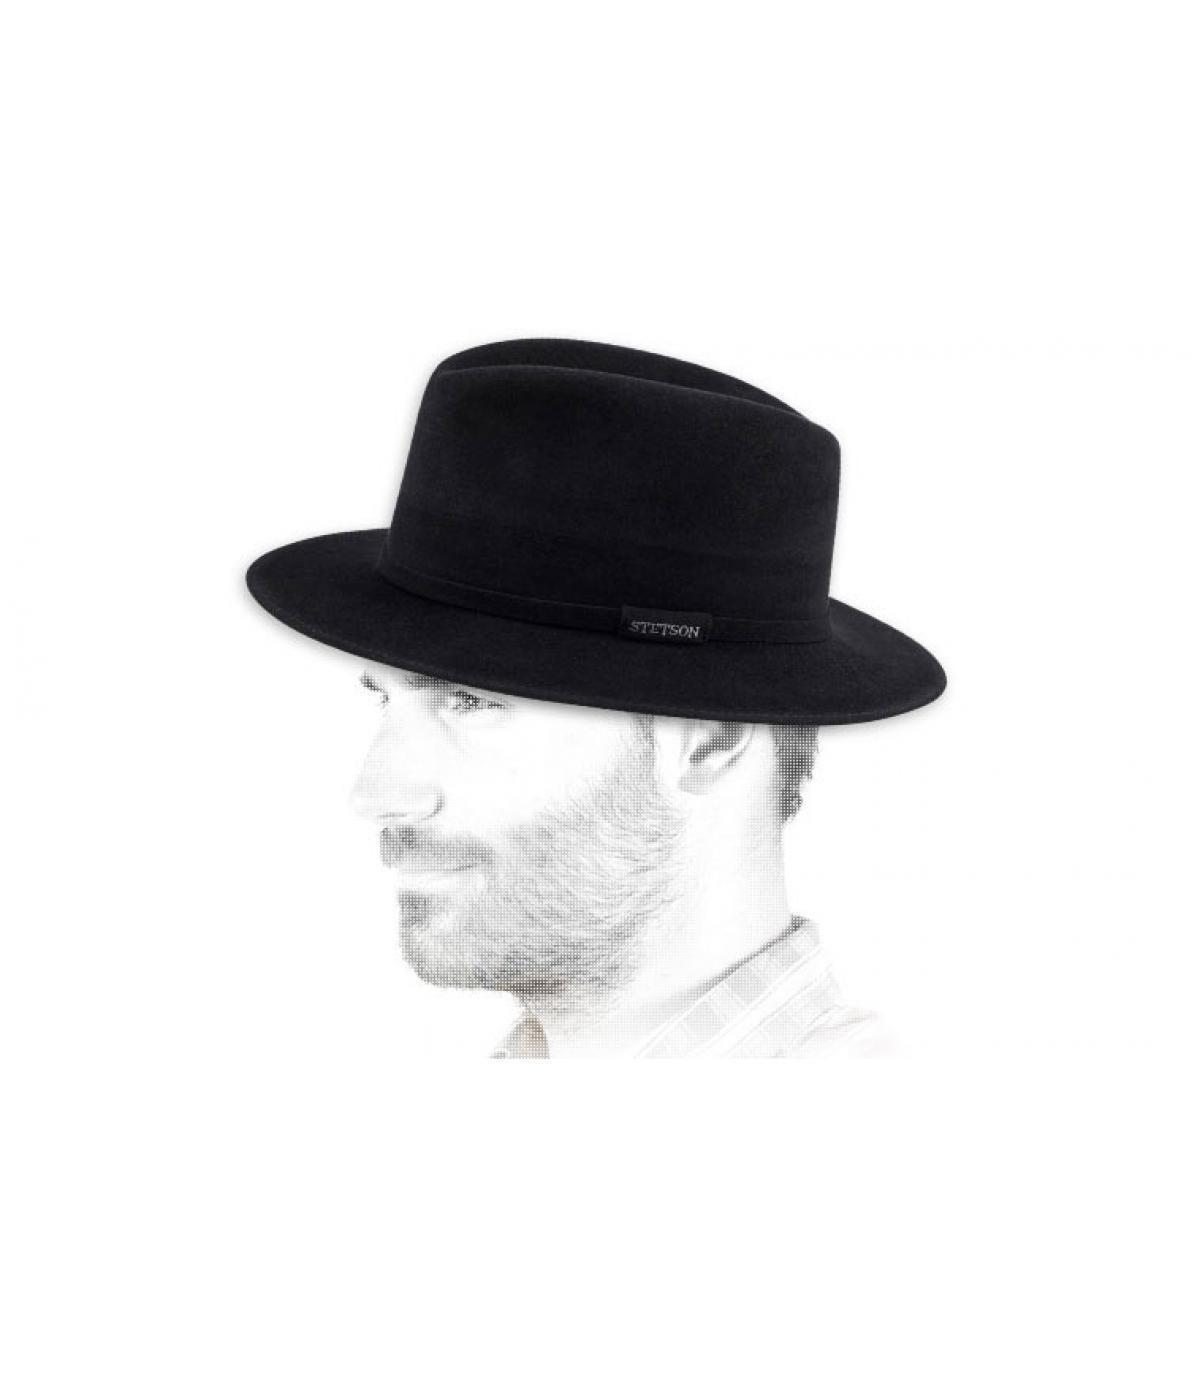 Détails Michael black - image 3